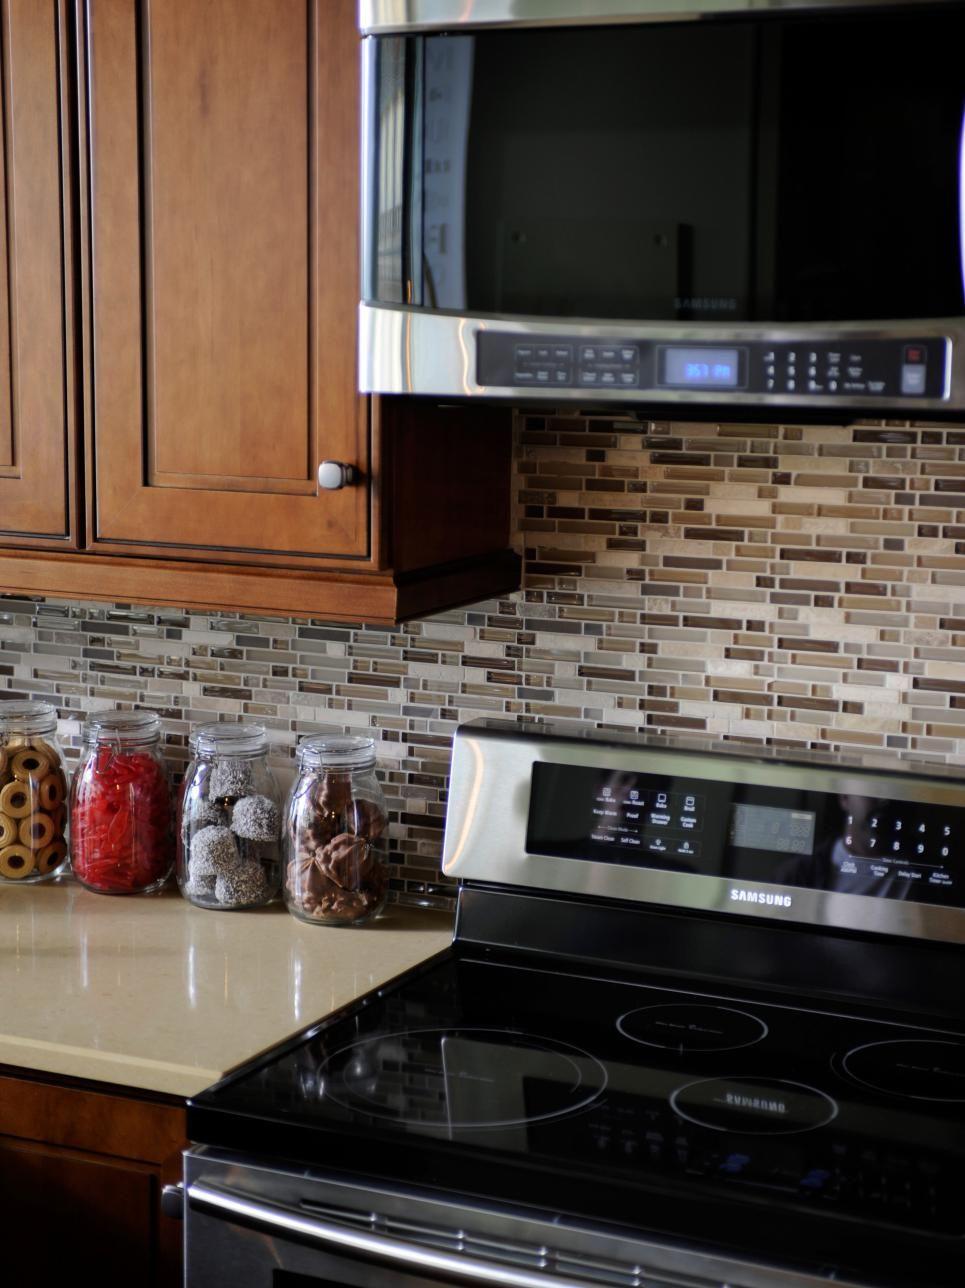 Pictures of kitchen backsplash ideas from kitchen ideas